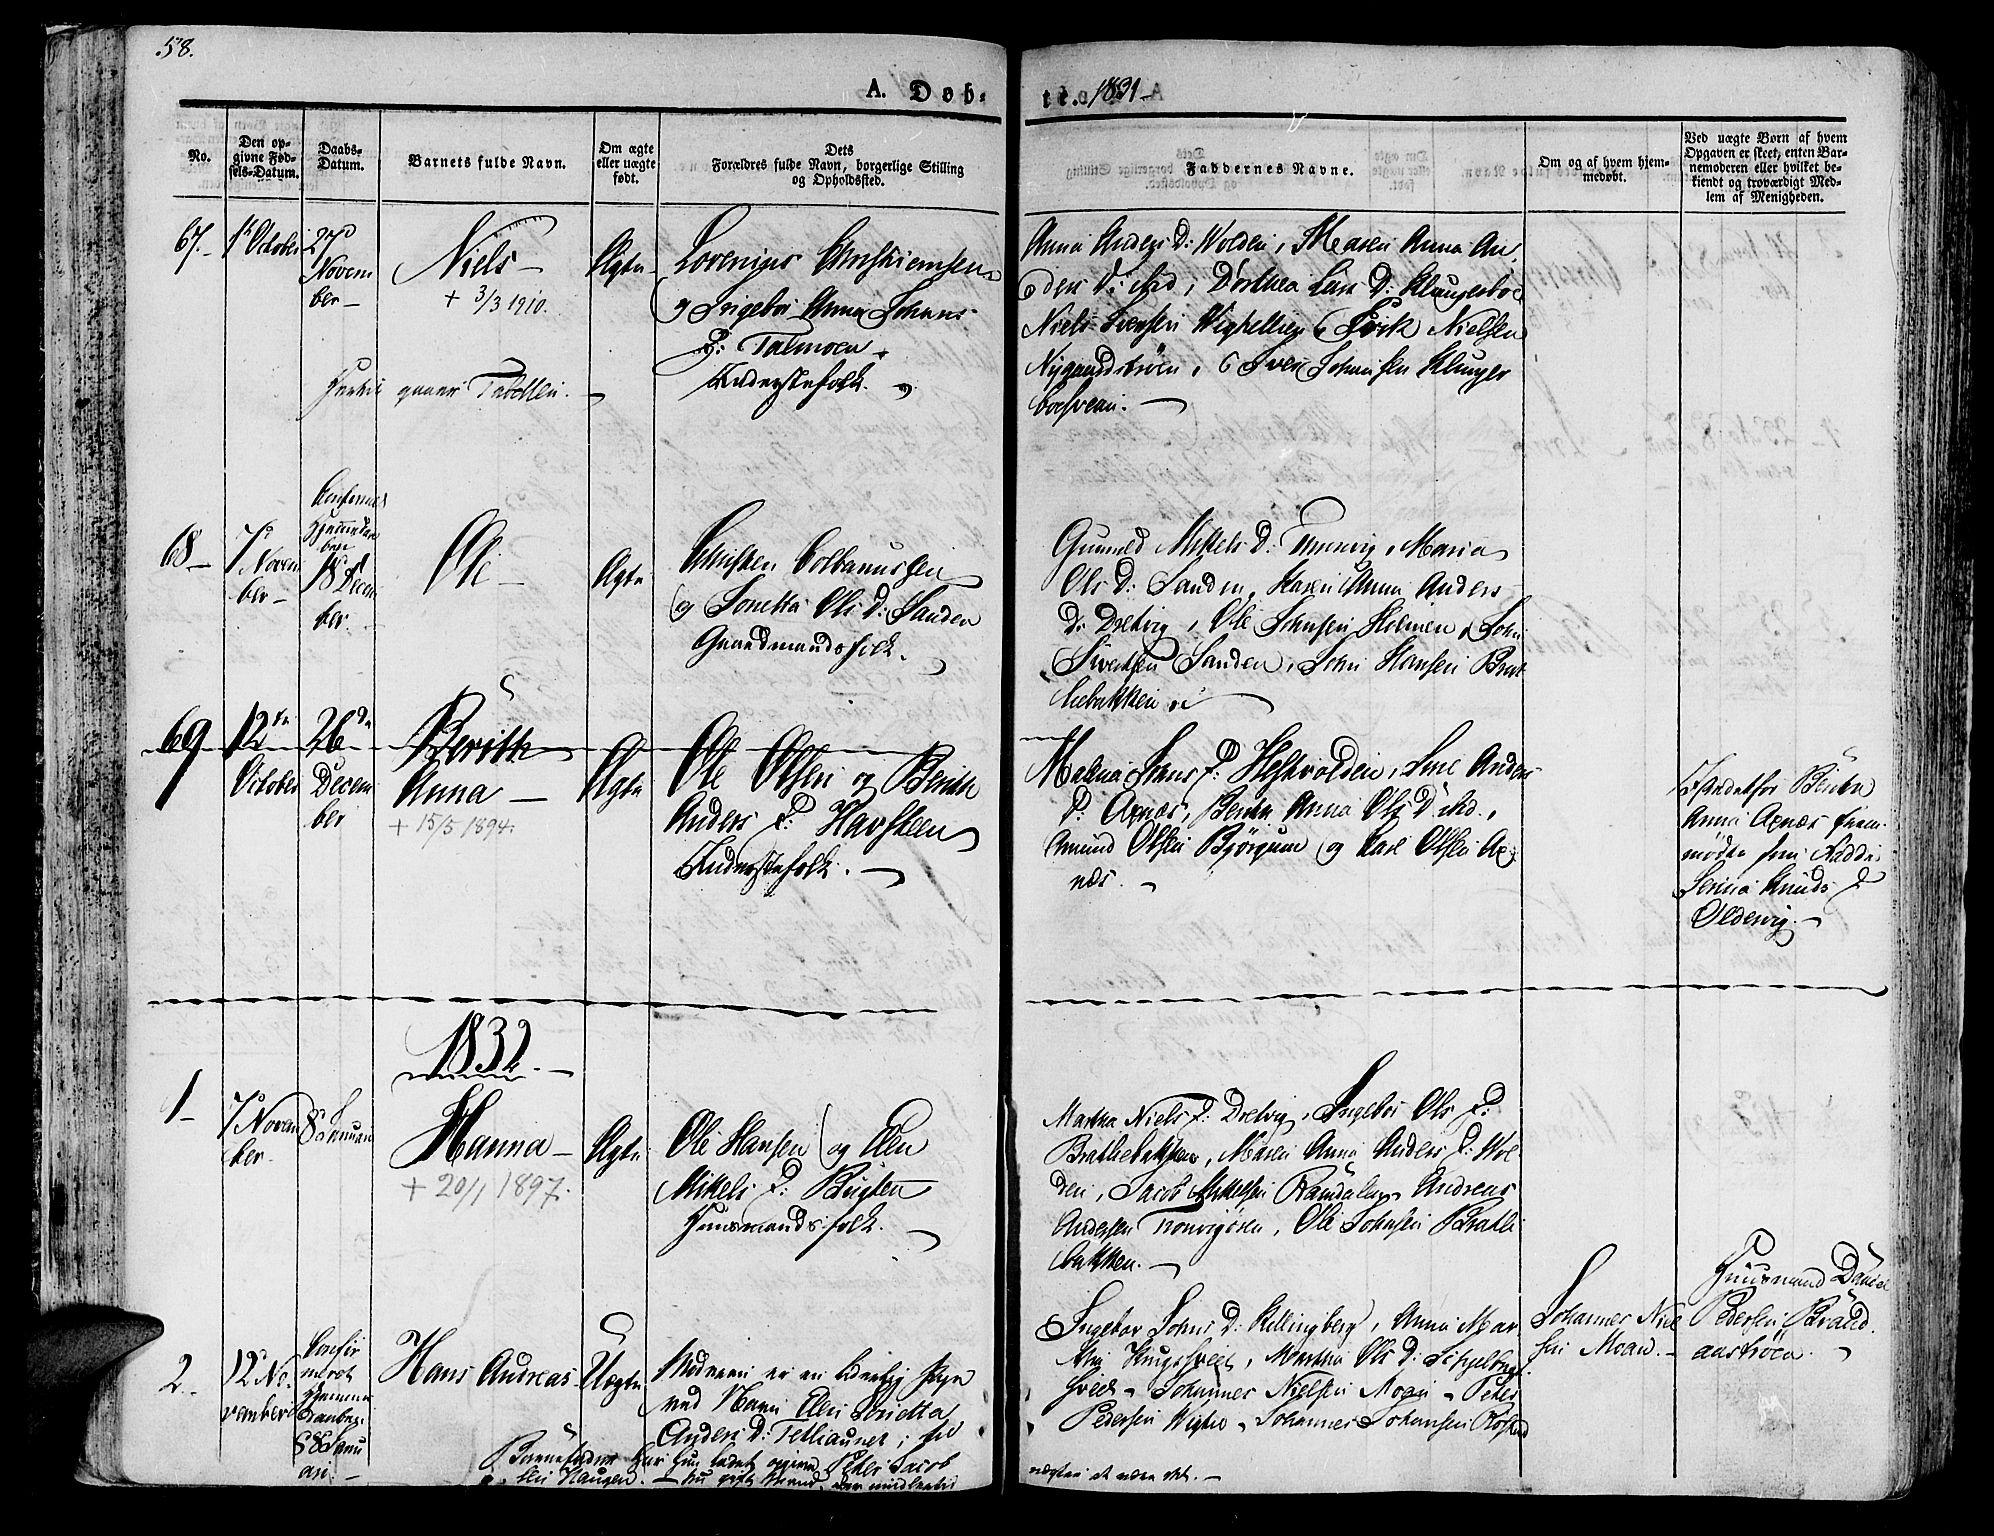 SAT, Ministerialprotokoller, klokkerbøker og fødselsregistre - Nord-Trøndelag, 701/L0006: Ministerialbok nr. 701A06, 1825-1841, s. 58